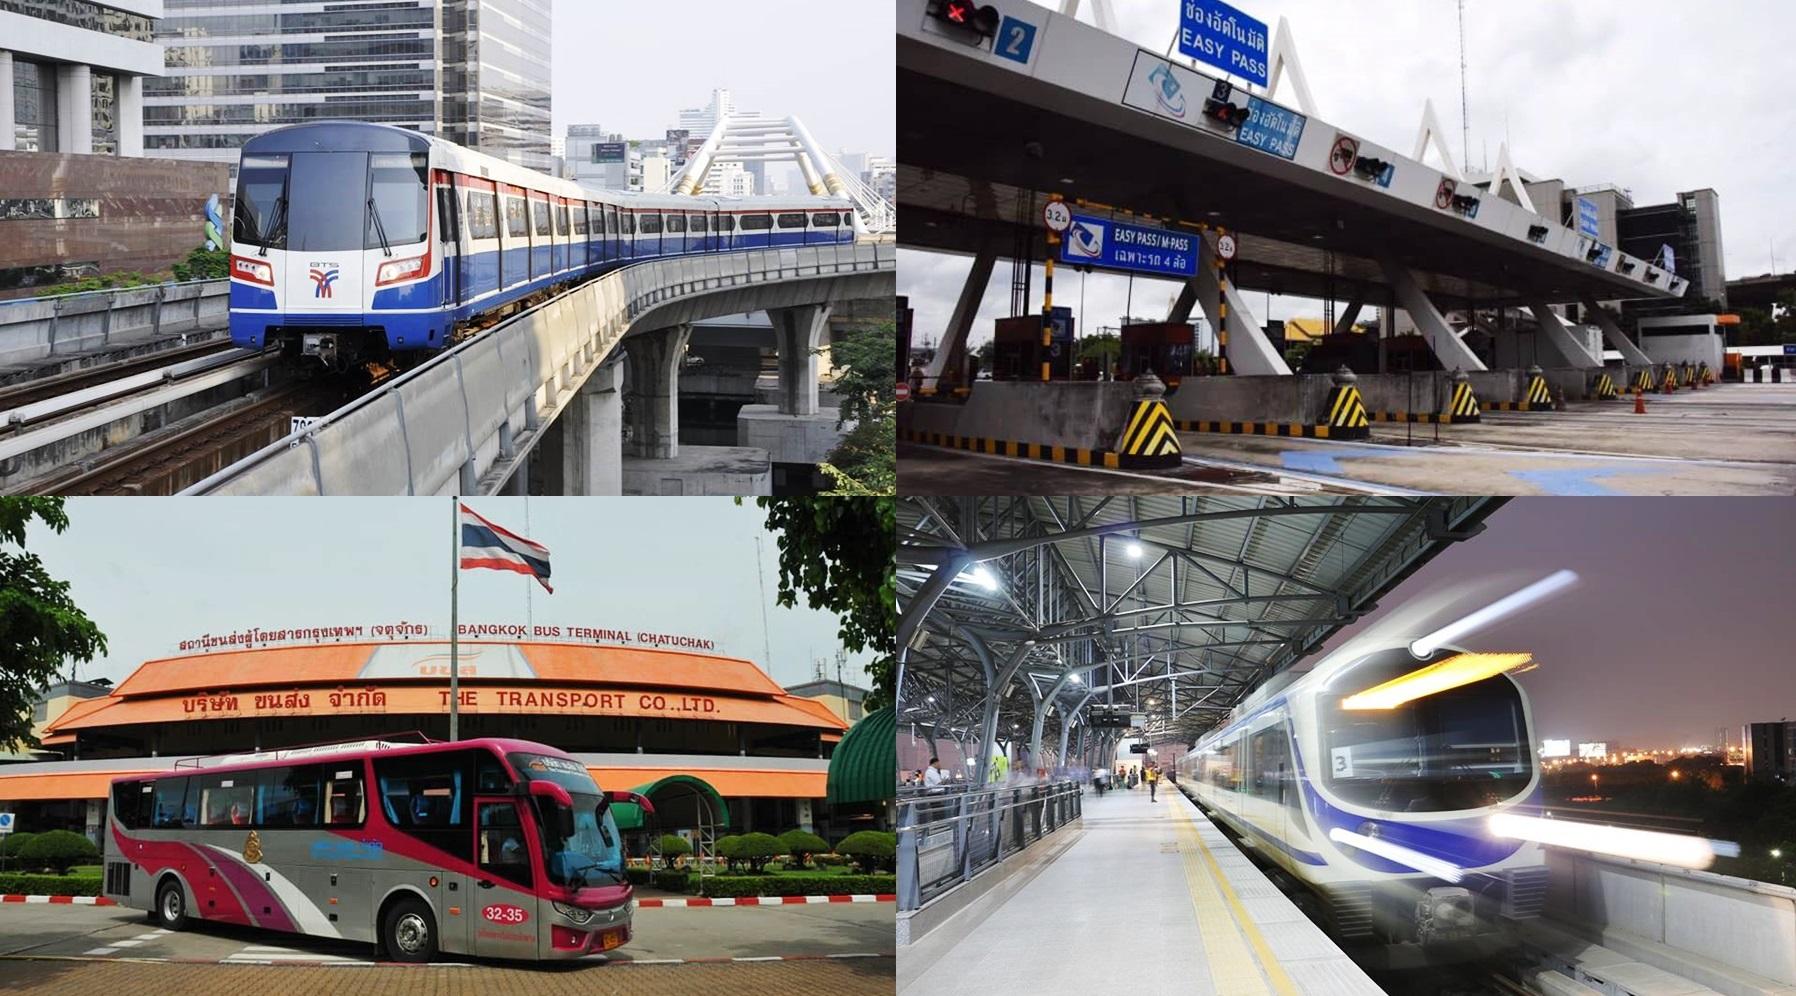 BTS MRT ของฟรี ทางด่วน บริการฟรี รถไฟฟ้าบีทีเอส รถไฟใต้ดิน วันสงกรานต์ สนามบินดอนเมือง สนามบินสุวรรณภูมิ เที่ยวสงกรานต์